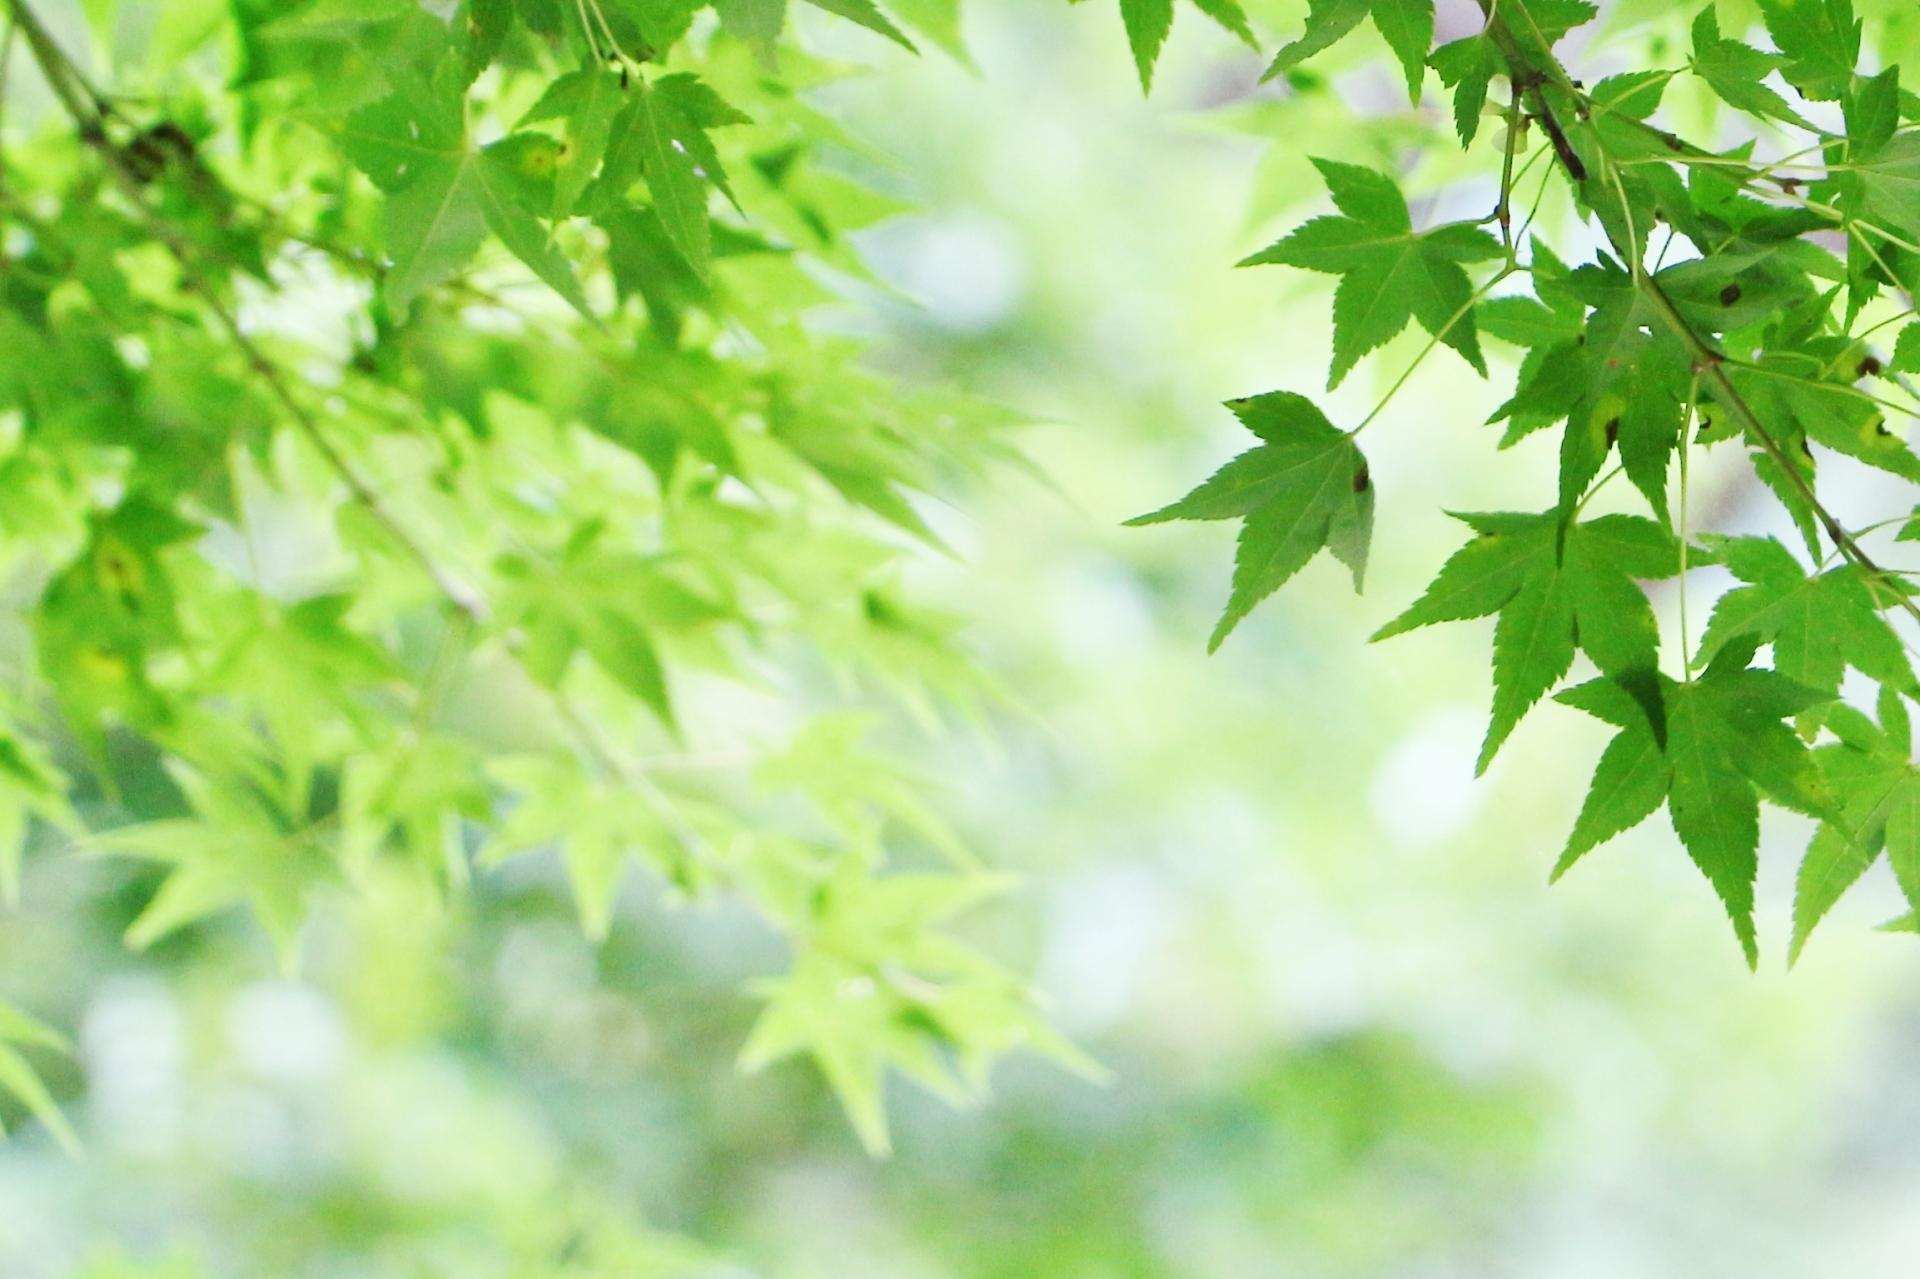 ガーデン用品屋さんの花図鑑 カエデ